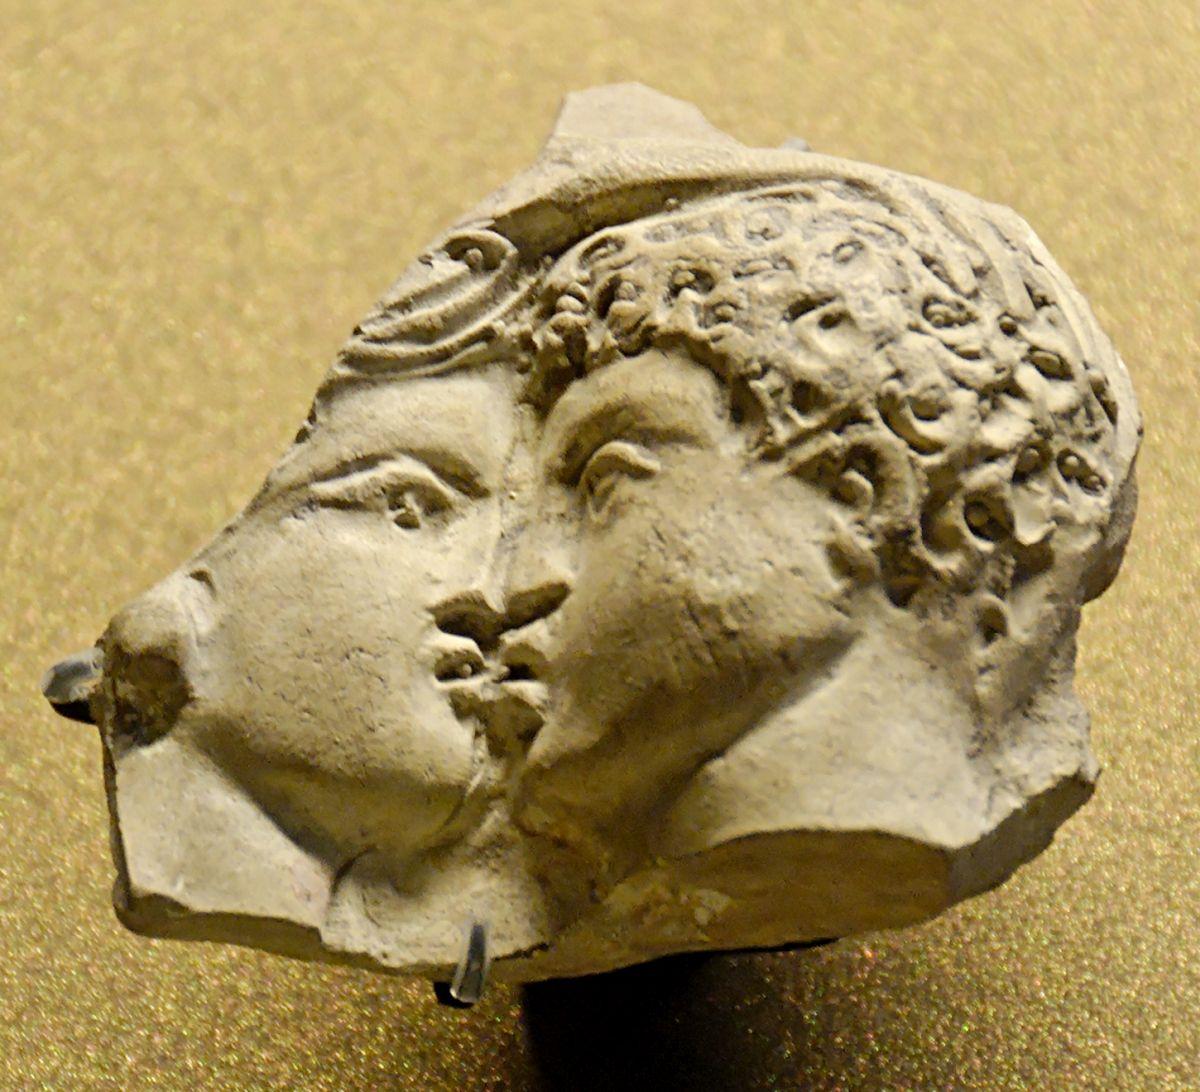 Rzymski fragment gliny z dekoracją reliefową, przedstawiający całującą się parę.